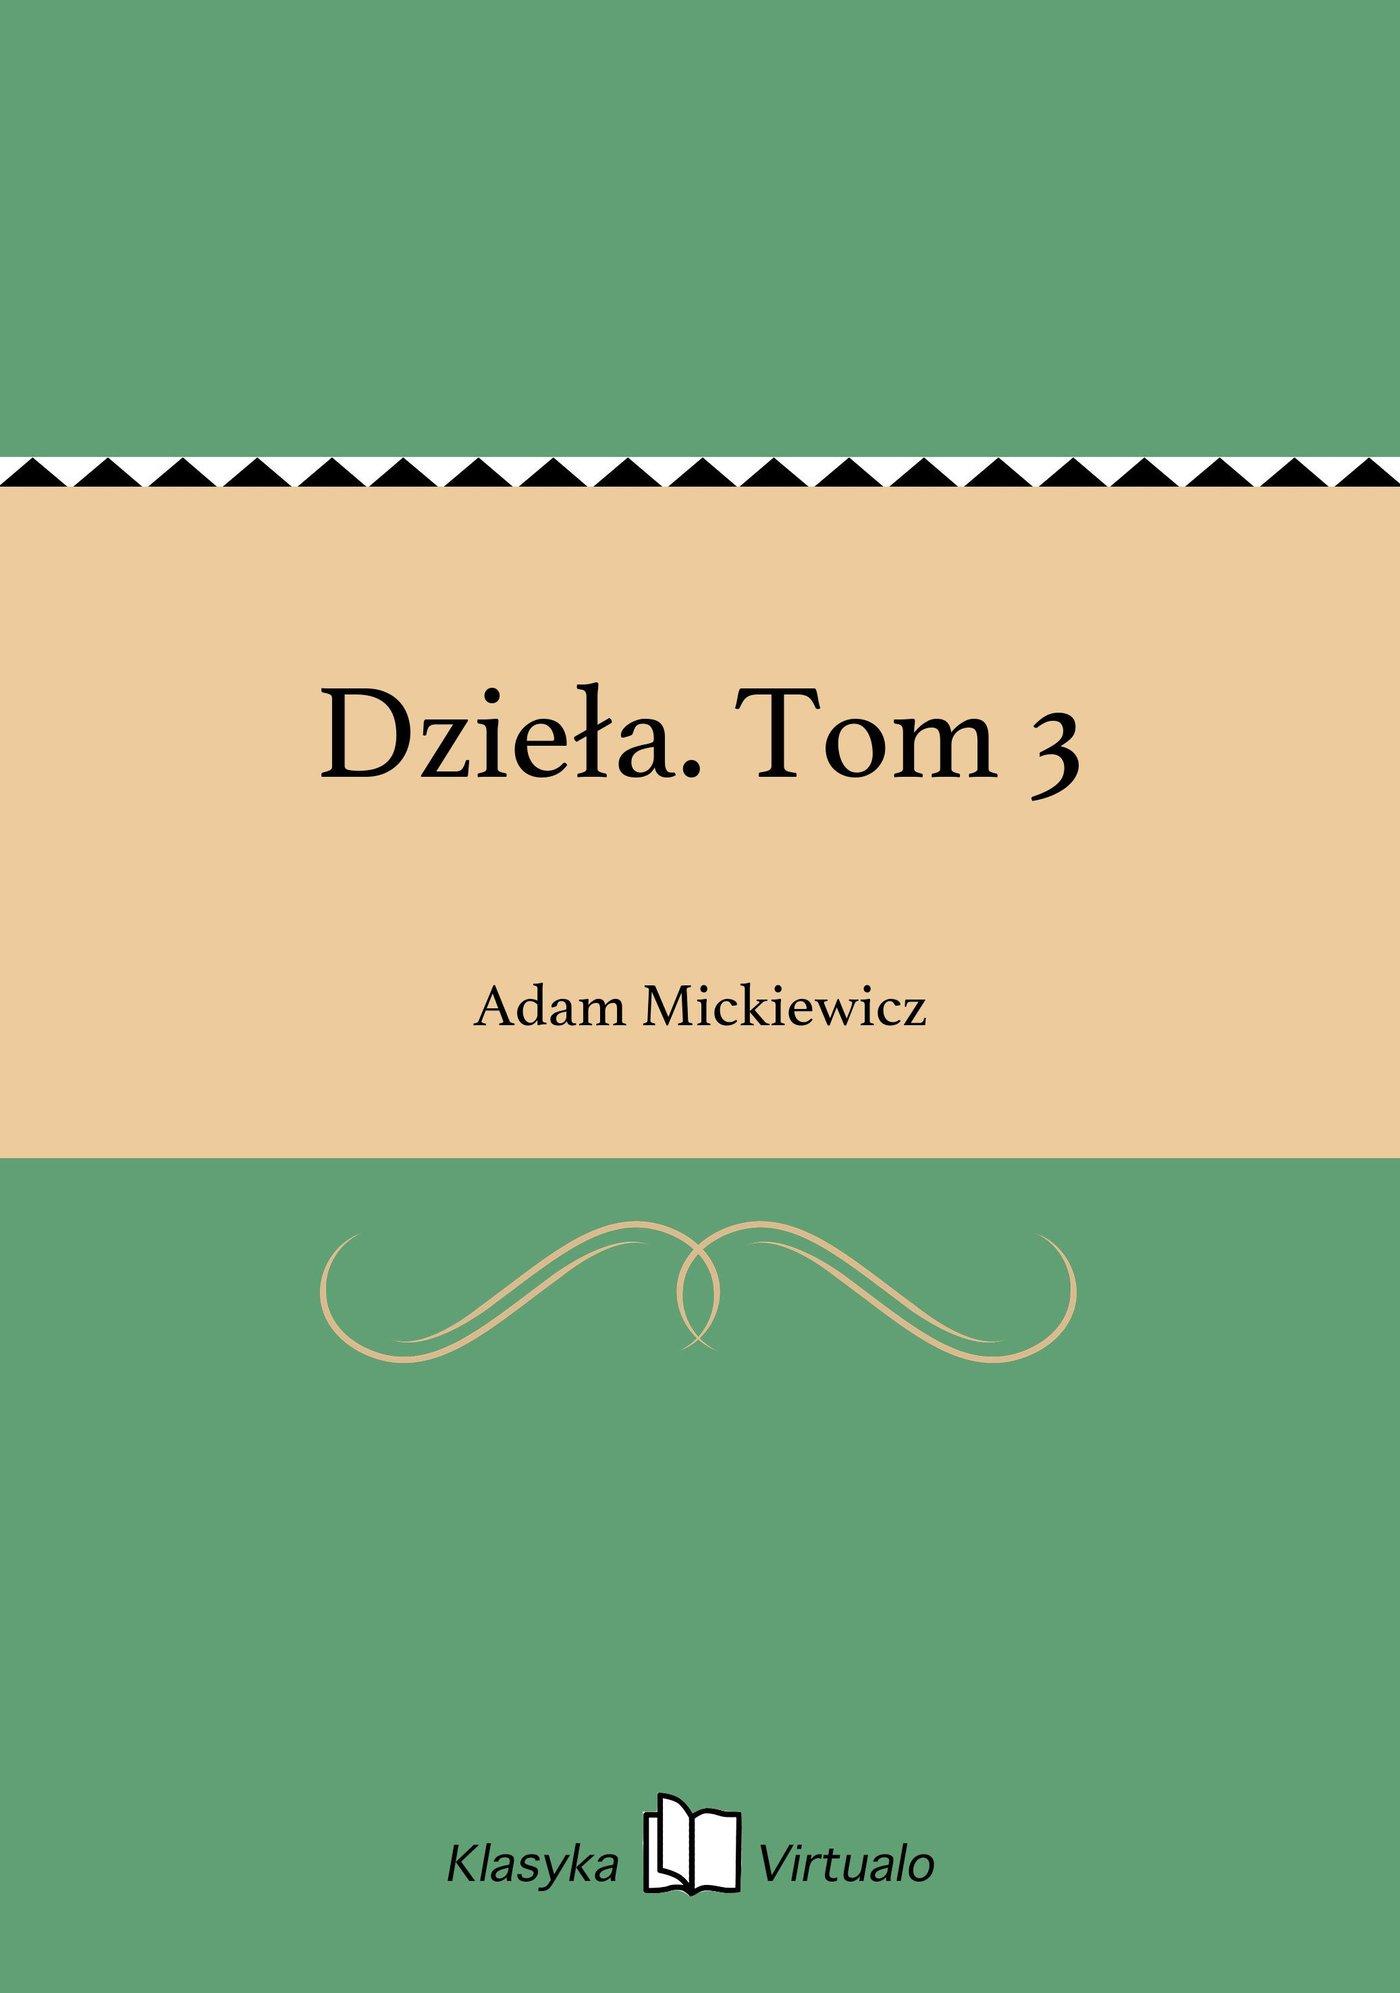 Dzieła. Tom 3 - Ebook (Książka na Kindle) do pobrania w formacie MOBI